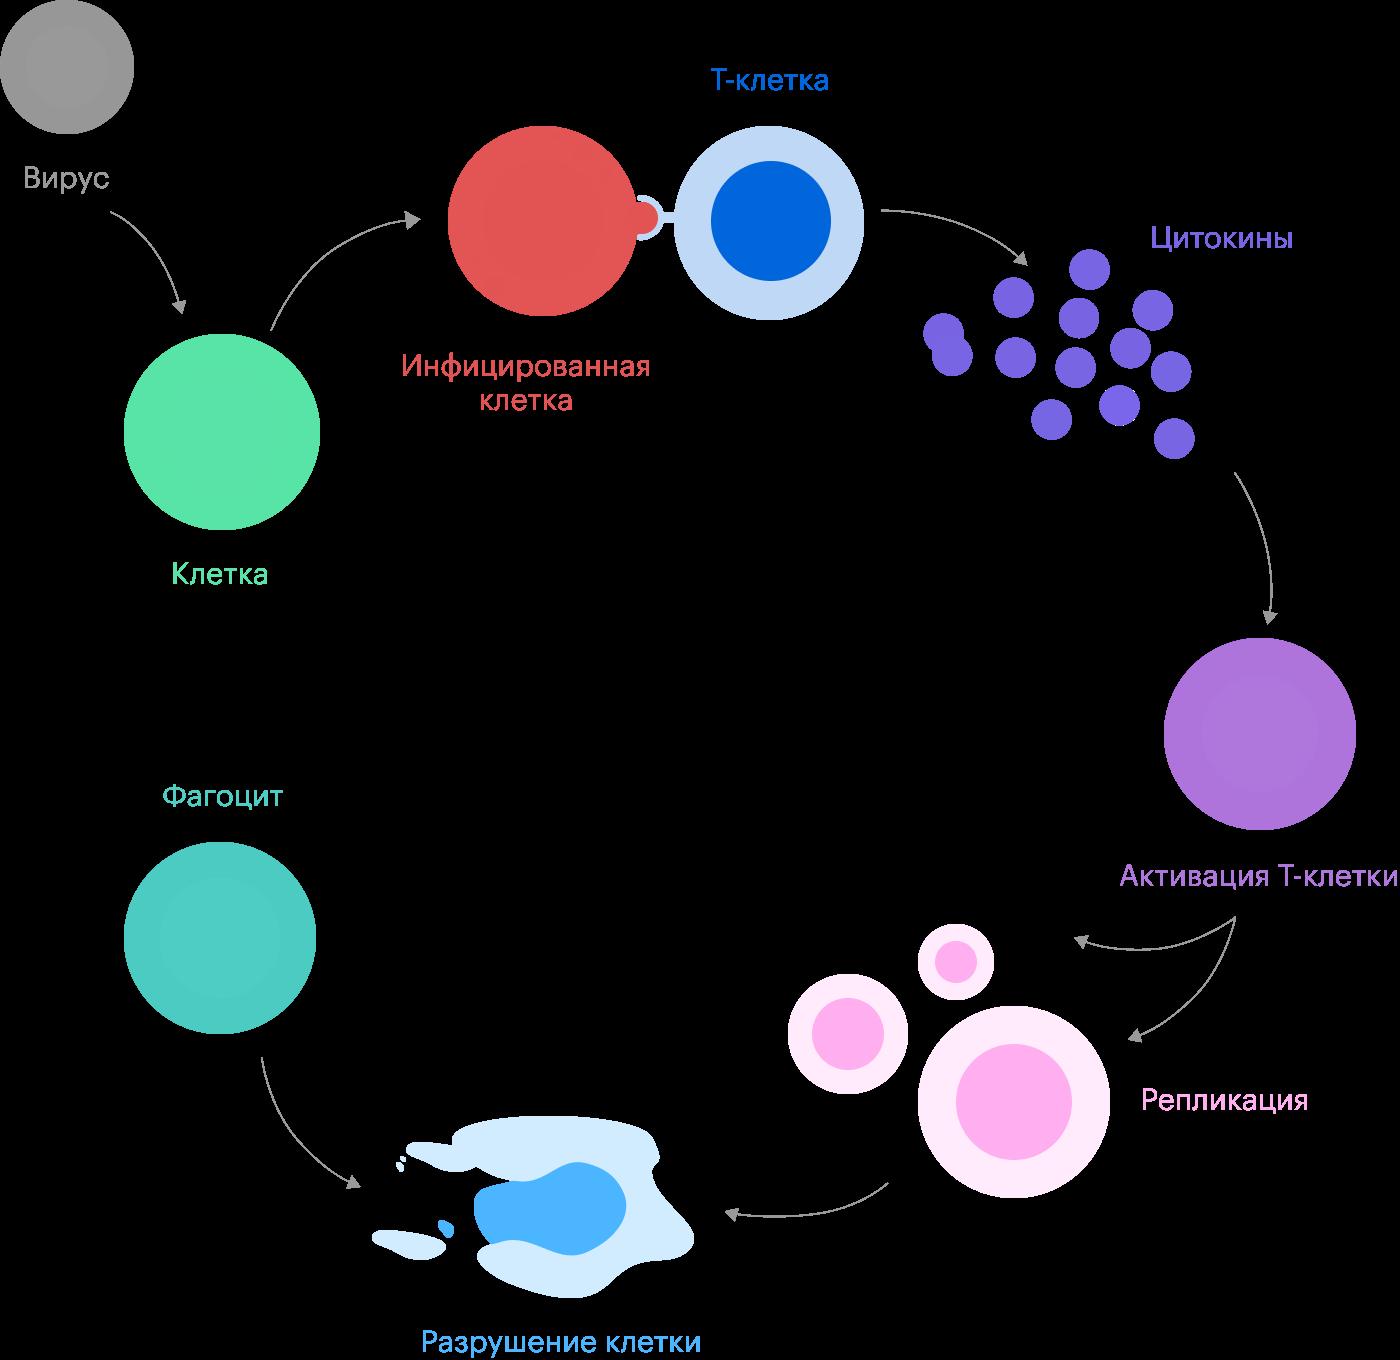 Т-клетка памяти узнает пораженную вирусом клетку, связывается сней ивыпускает цитокины — сигнальные химические вещества, которые активируют цитотоксические Т-клетки. Эти «спецназовцы» разрушают зараженные клетки, остатки которых потом поедают иммунные «мусорщики» — фагоциты